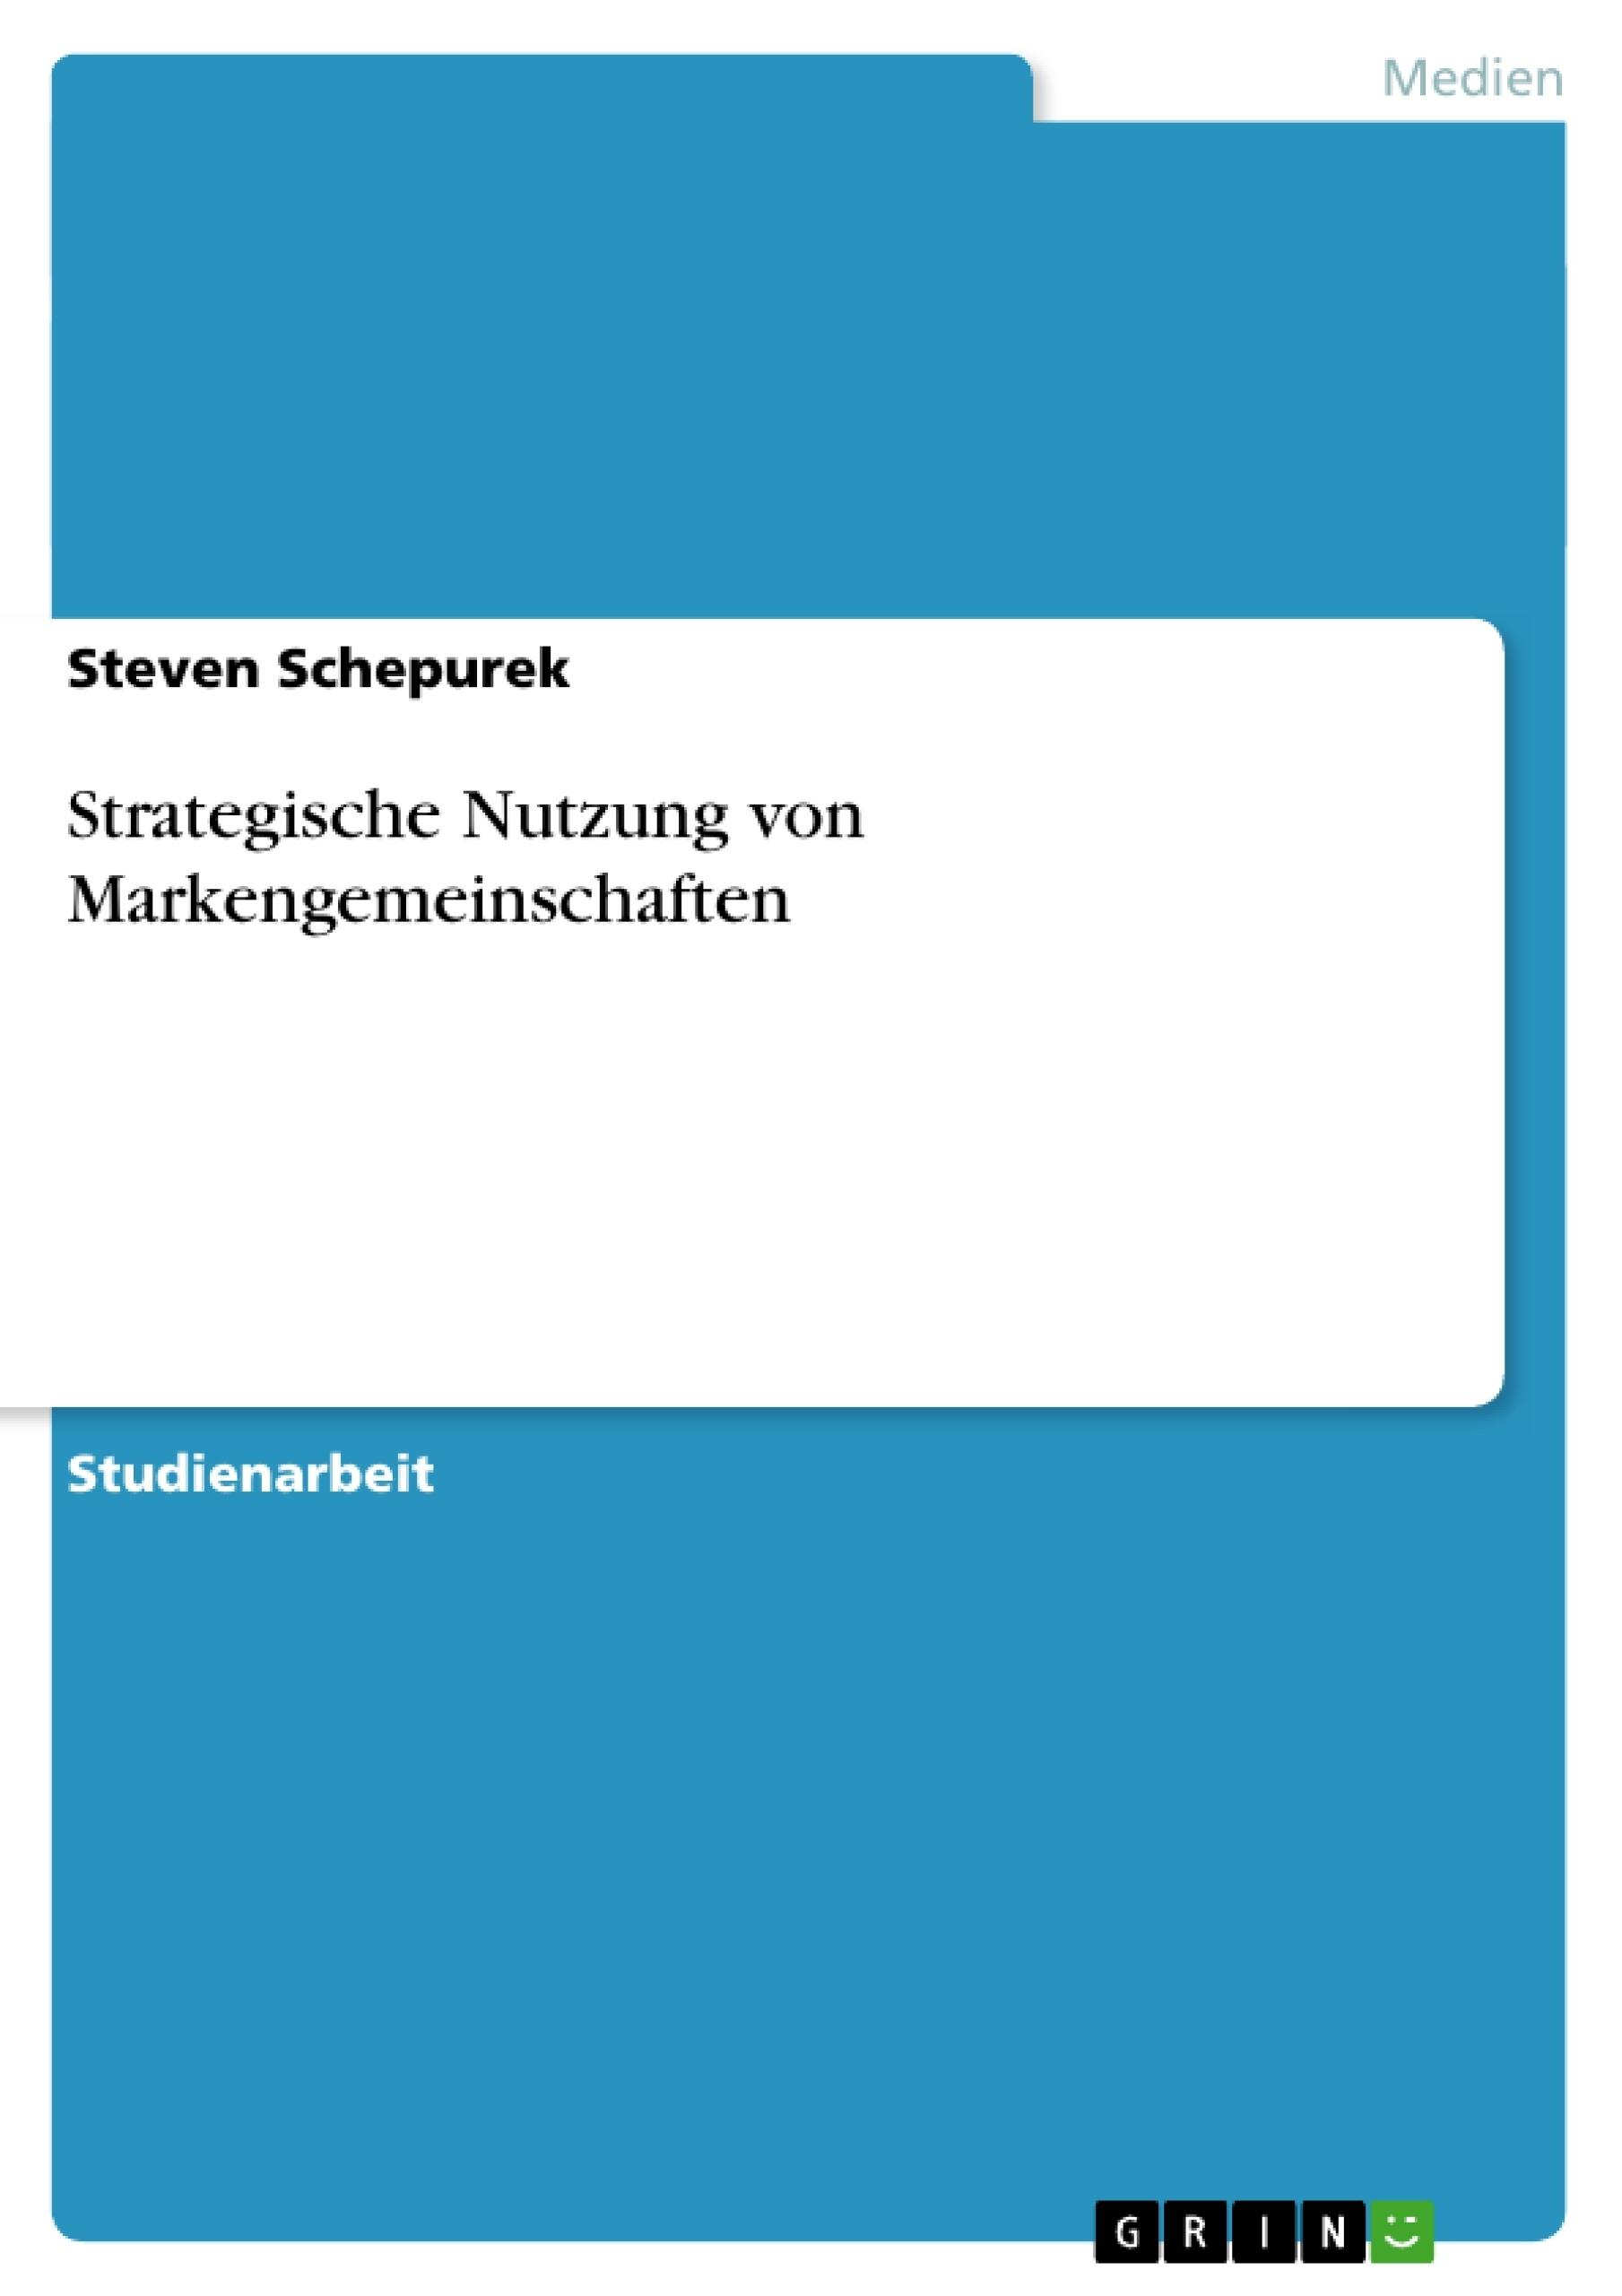 Titel: Strategische Nutzung von Markengemeinschaften